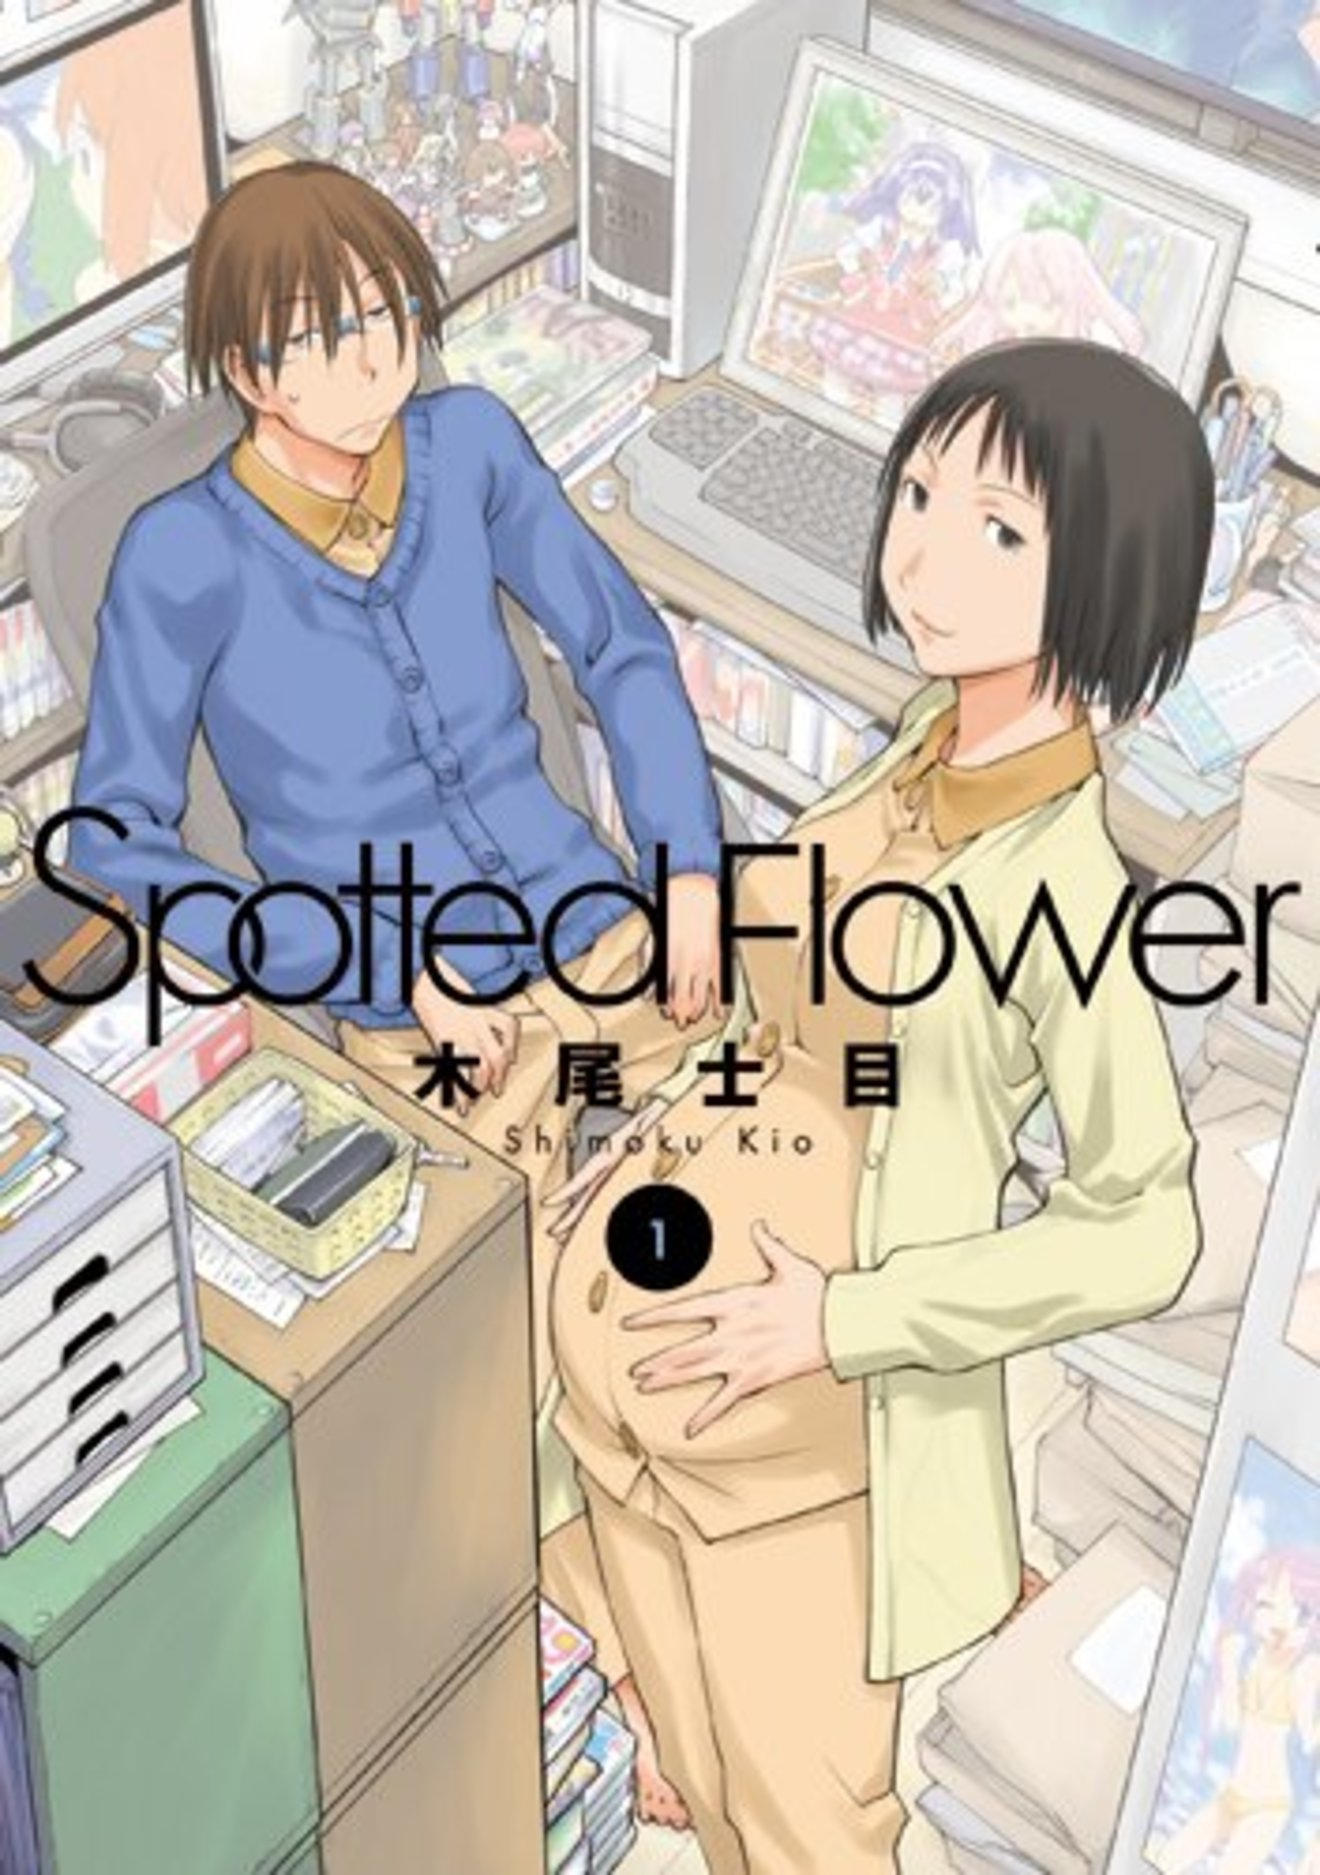 漫画『Spotted Flower』が無料!全3巻の見所をネタバレ紹介!